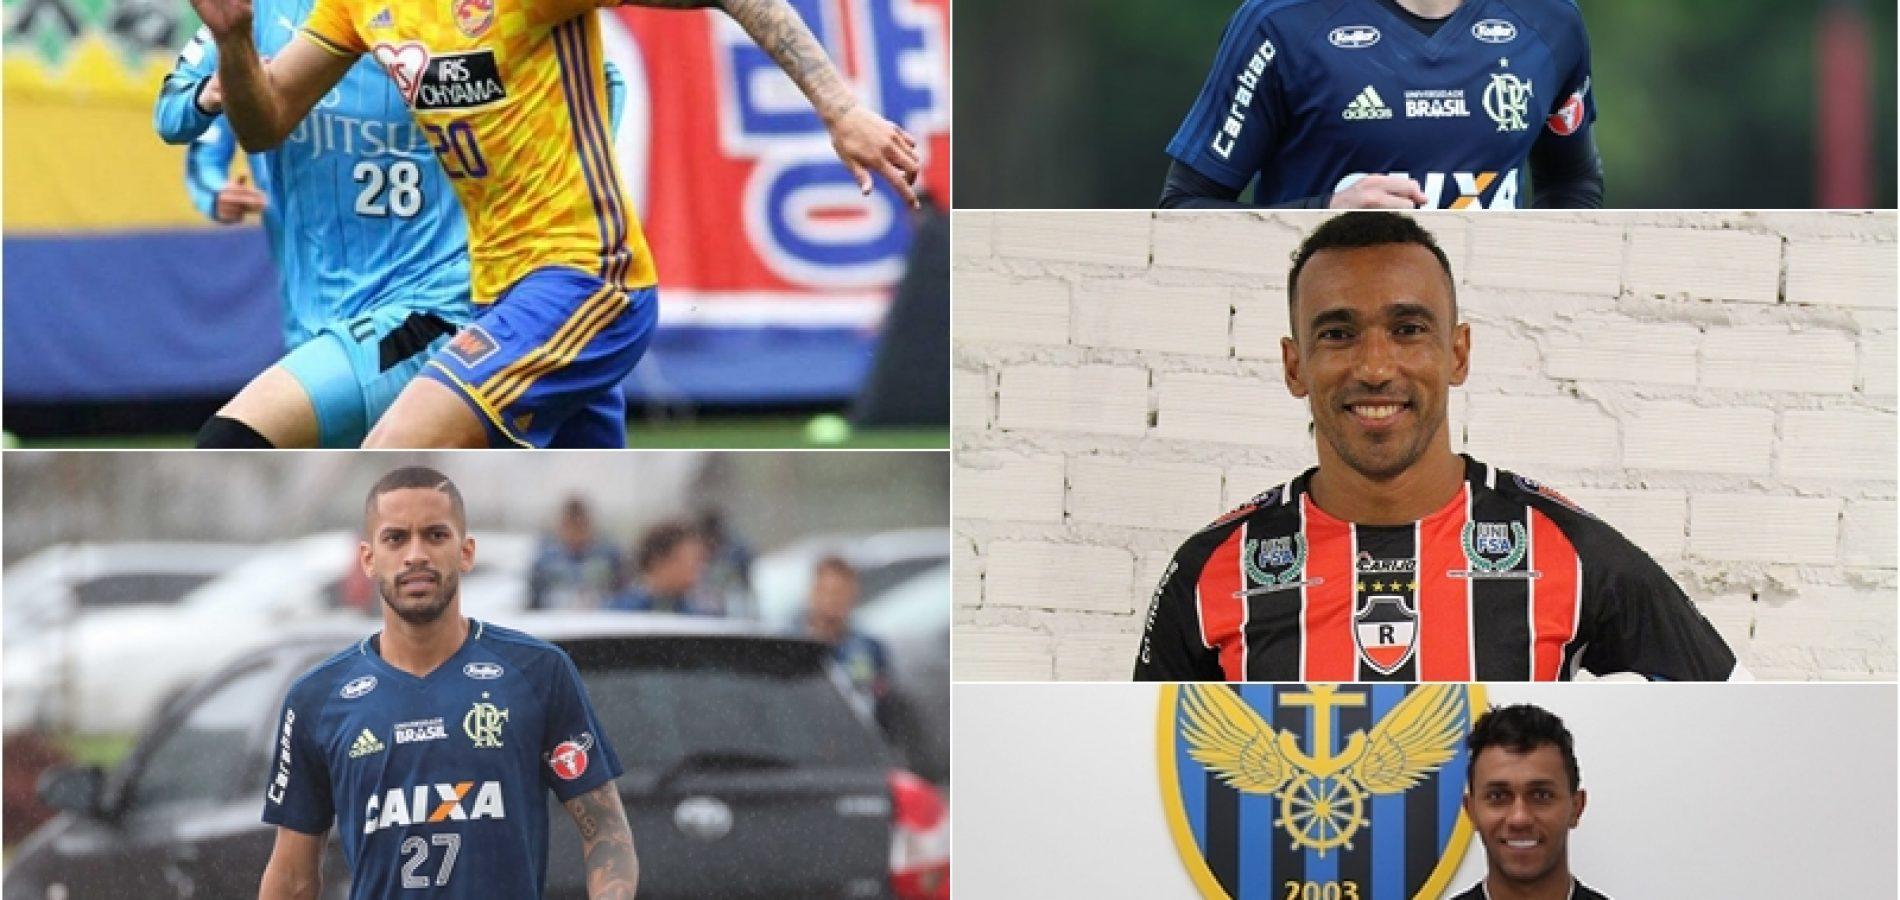 Onde atuarão os principais jogadores de futebol do Piauí na temporada 2018?